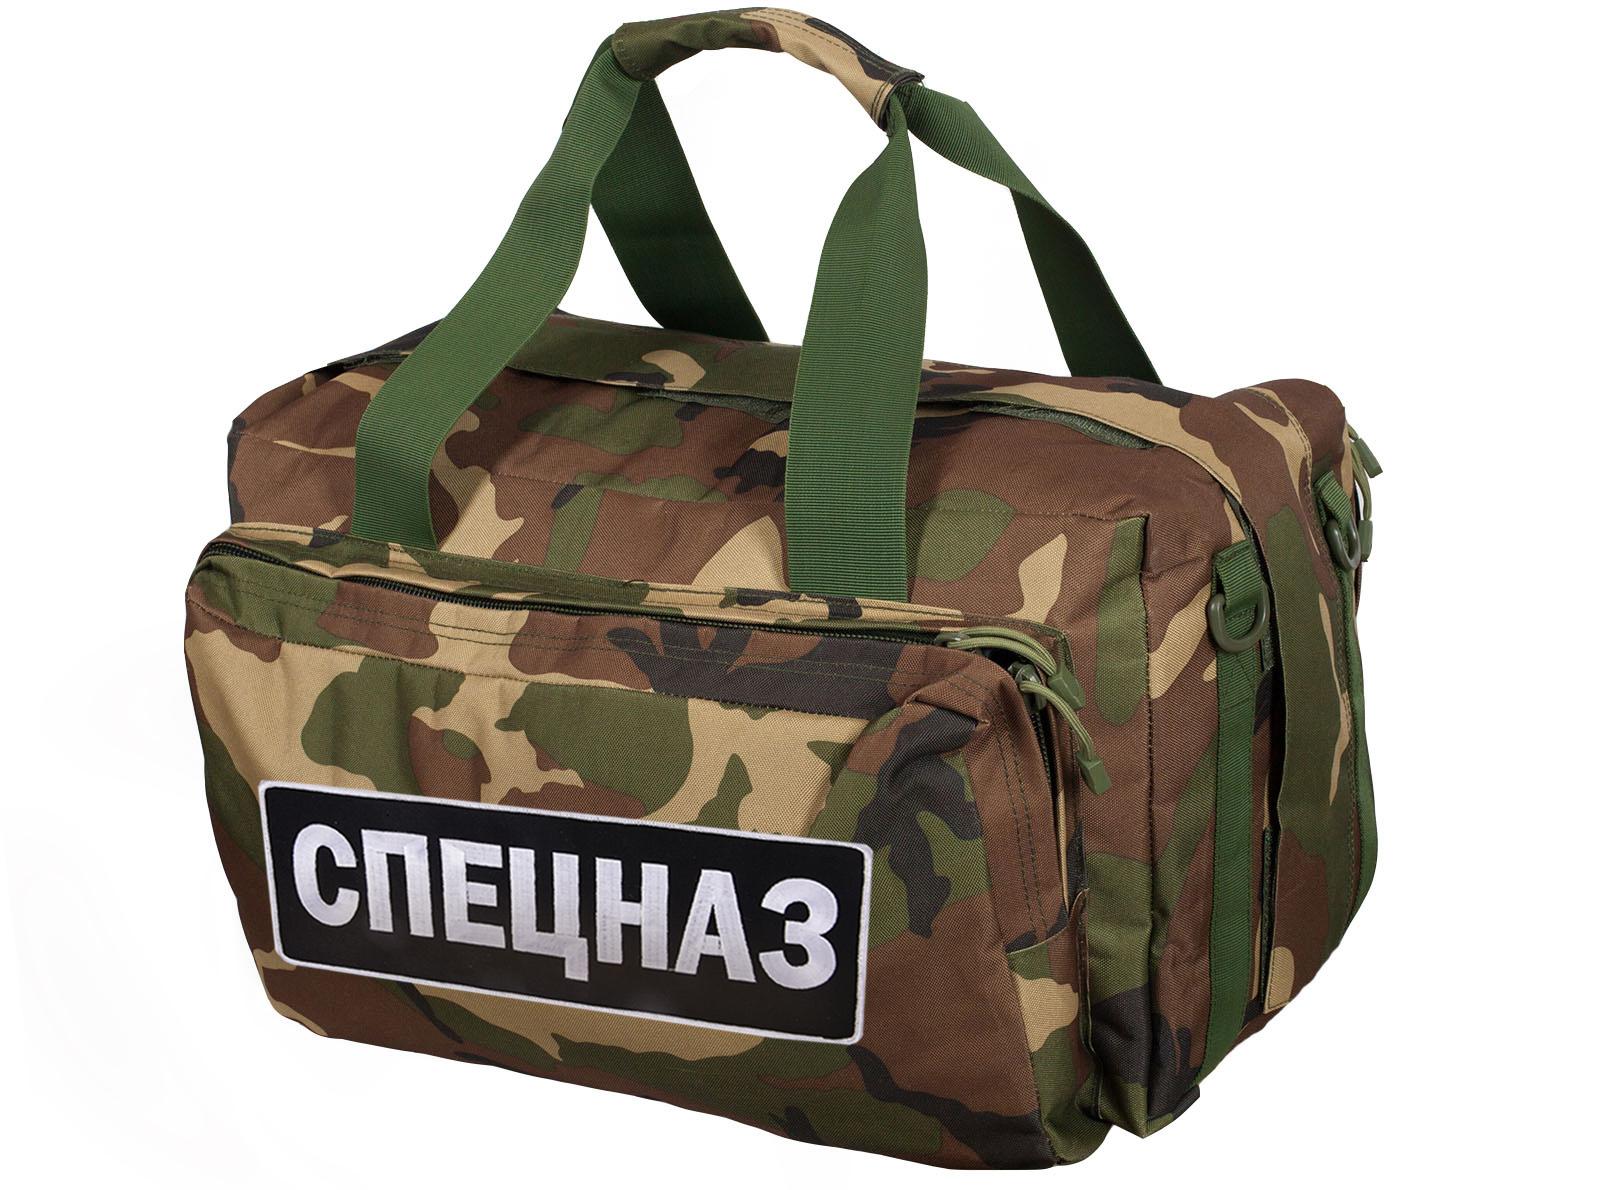 Спецназовская тактическая сумка-рюкзак